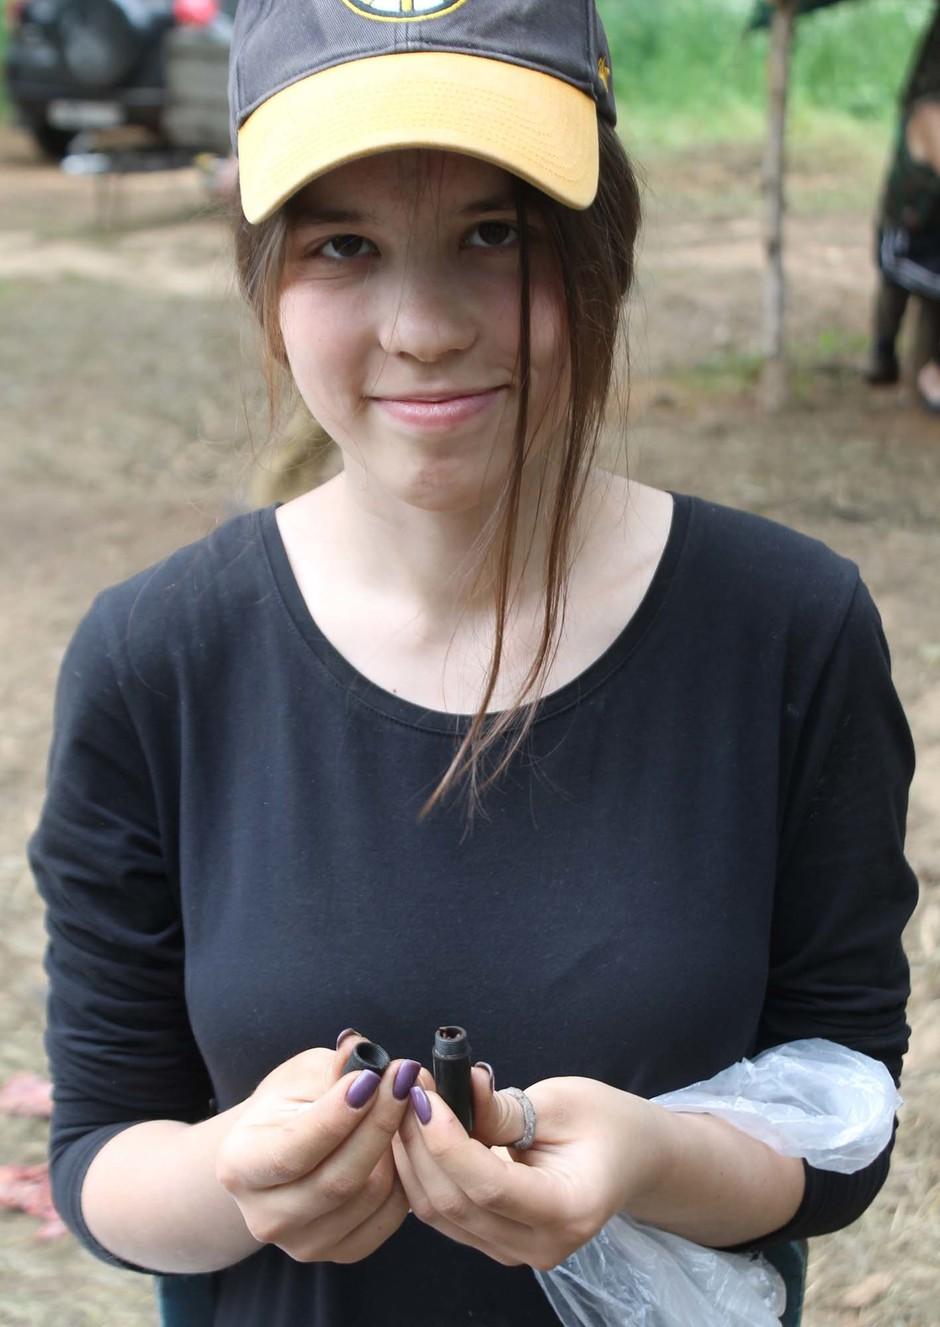 Держит член в руке впервые наманикюренными пальчики фото 122-890